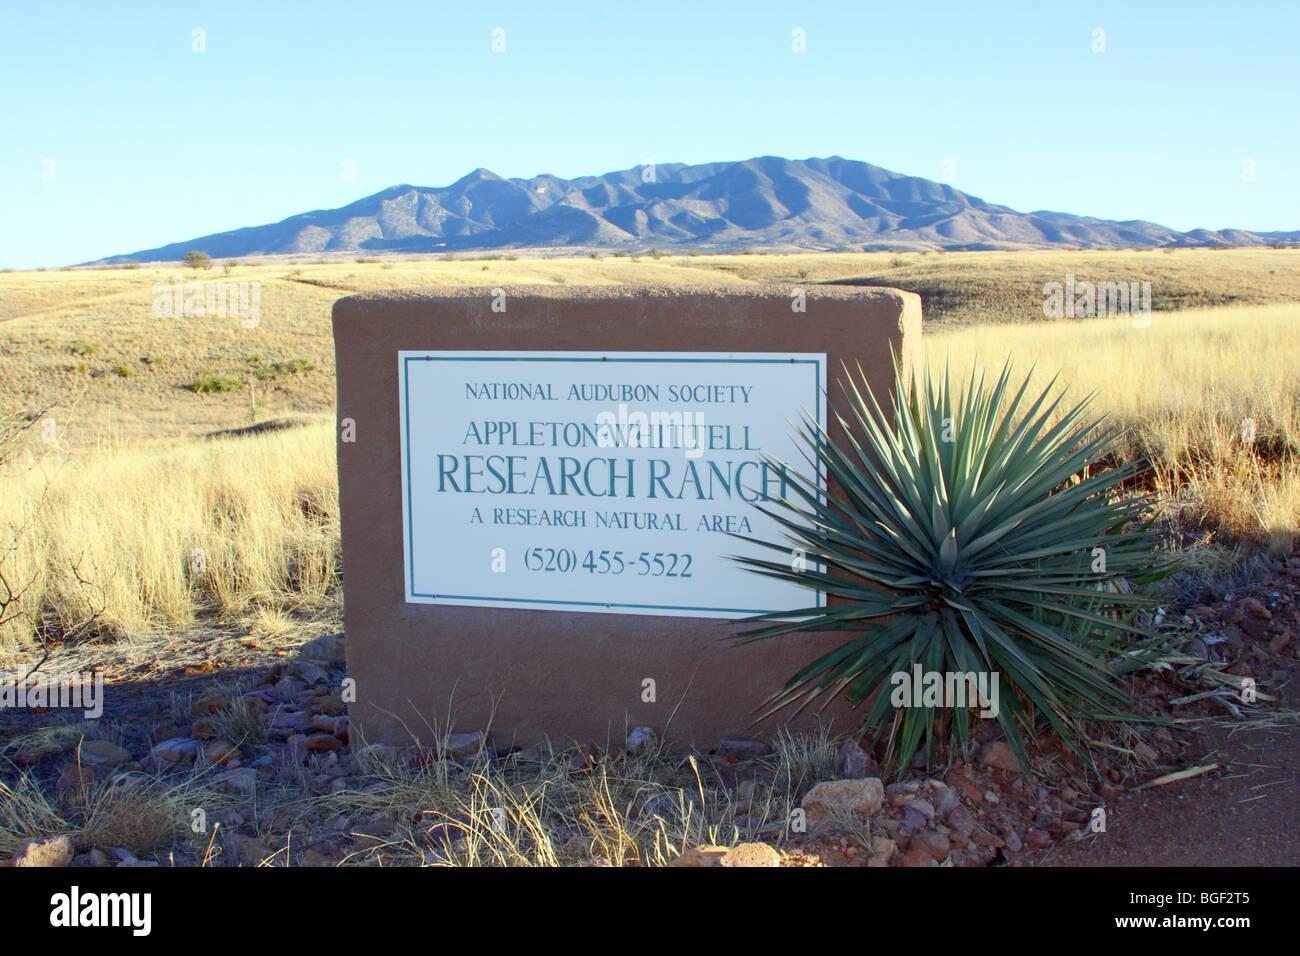 Porta nord del National Audubon Society Appleton-Whittell Ranch di ricerca nelle vicinanze del Elgin, Arizona, Stati Immagini Stock